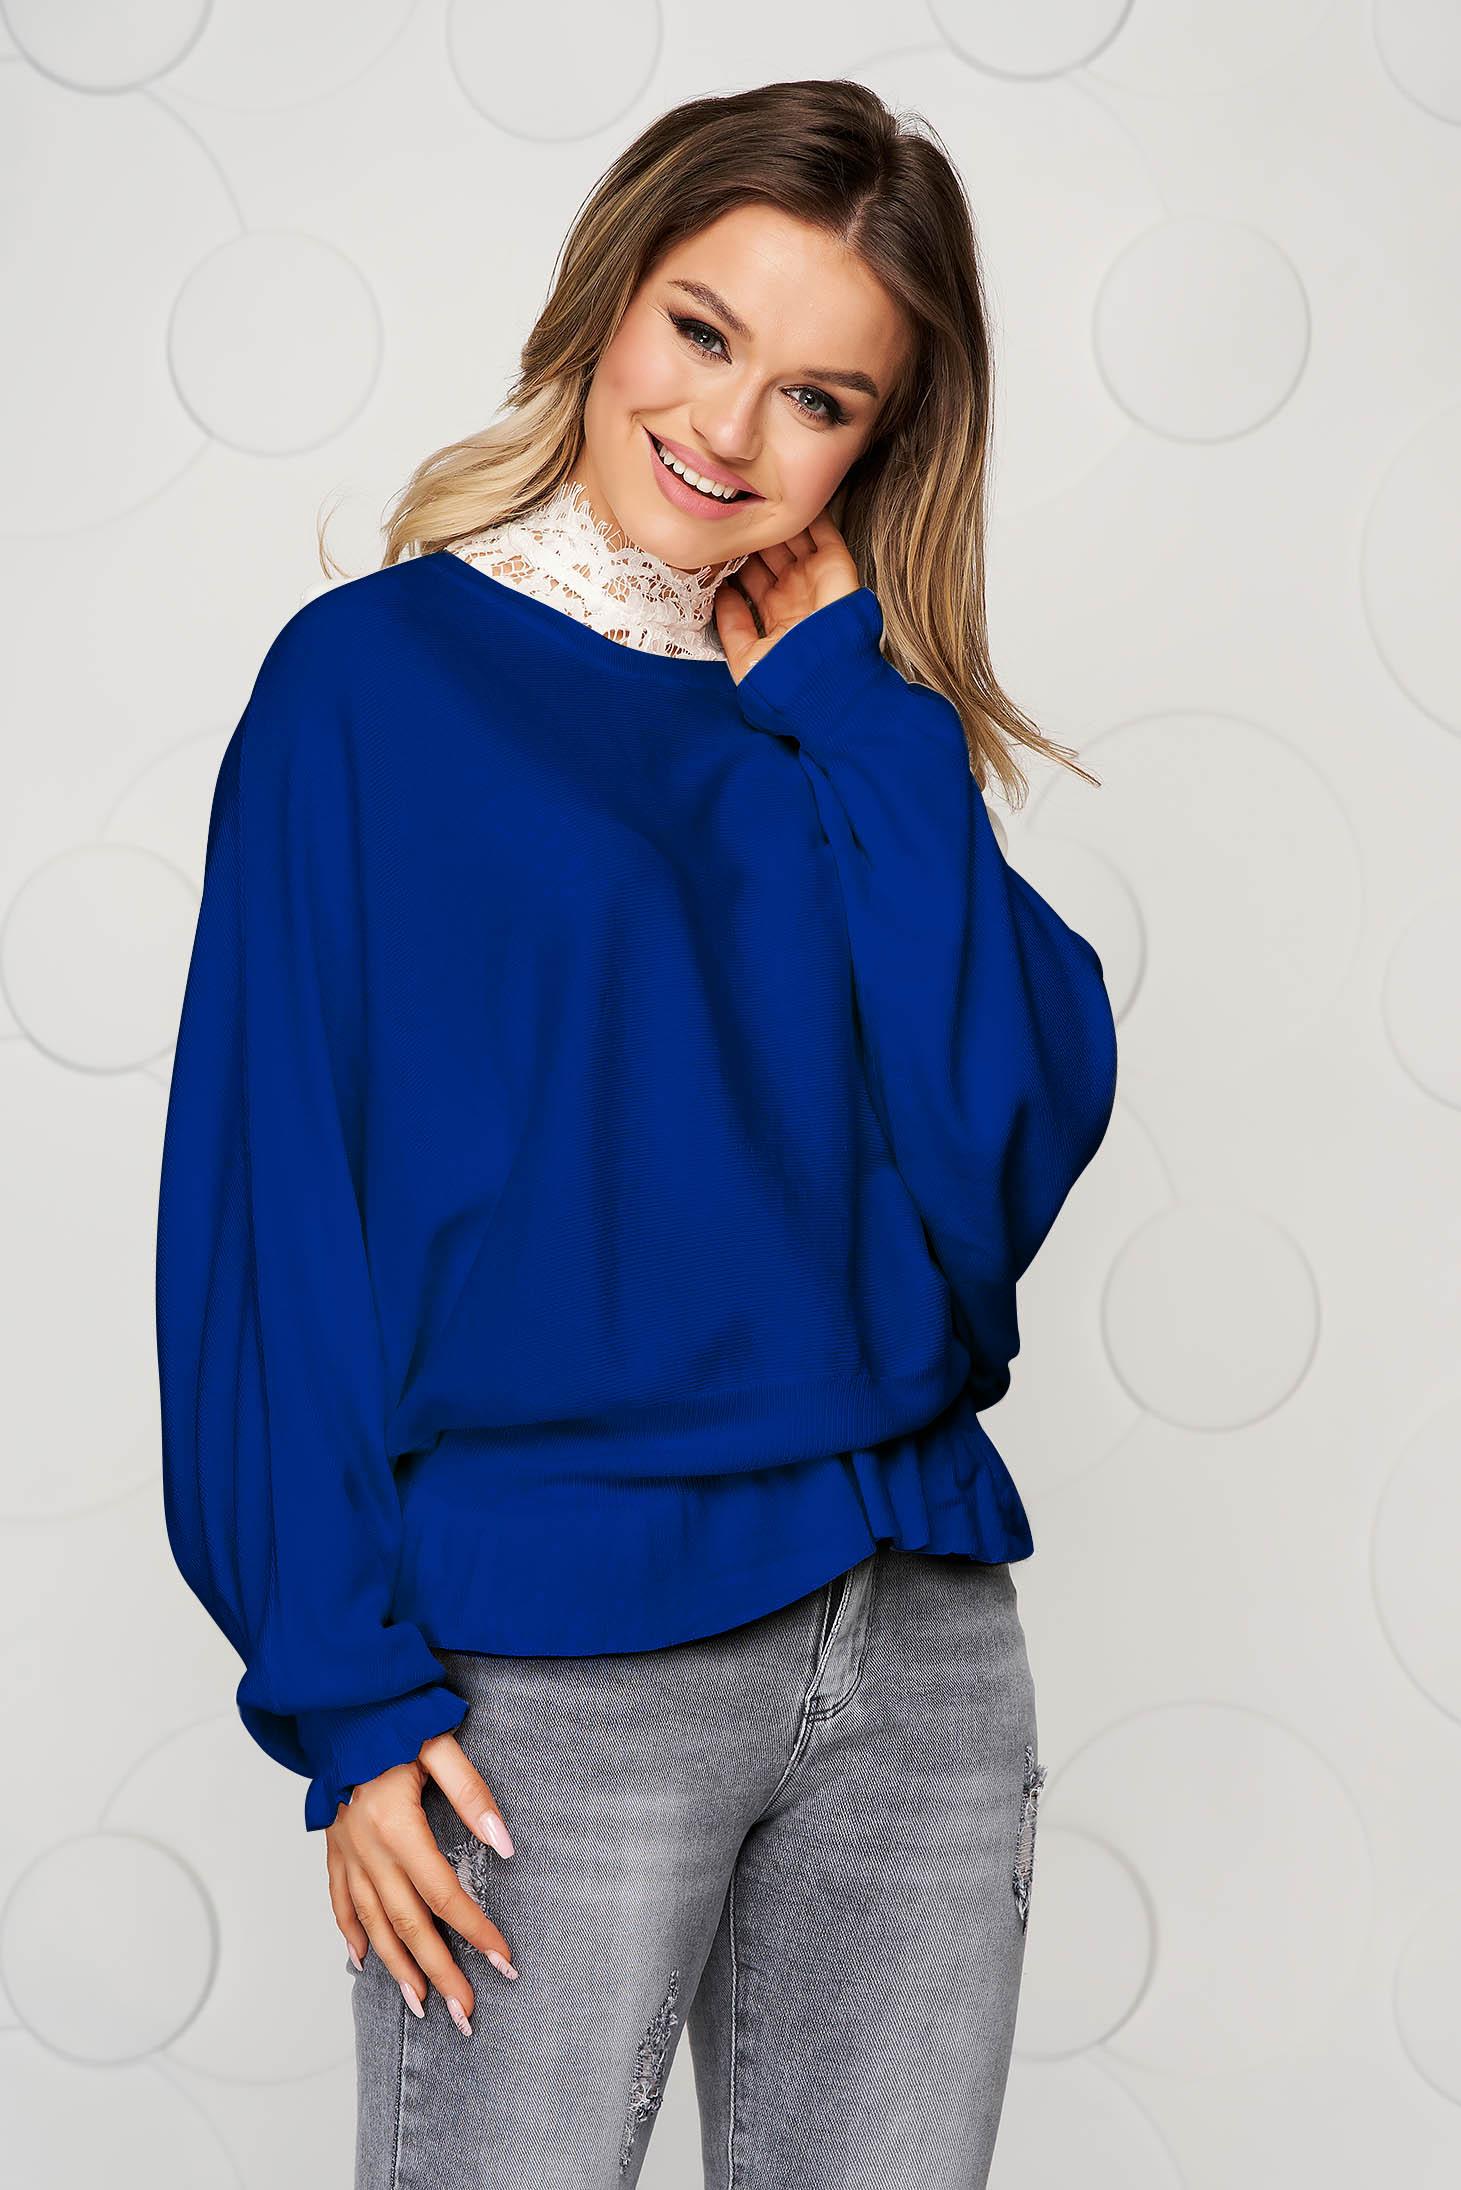 Bluza dama SunShine albastra casual din tricot reiat elastic si fin cu volanase